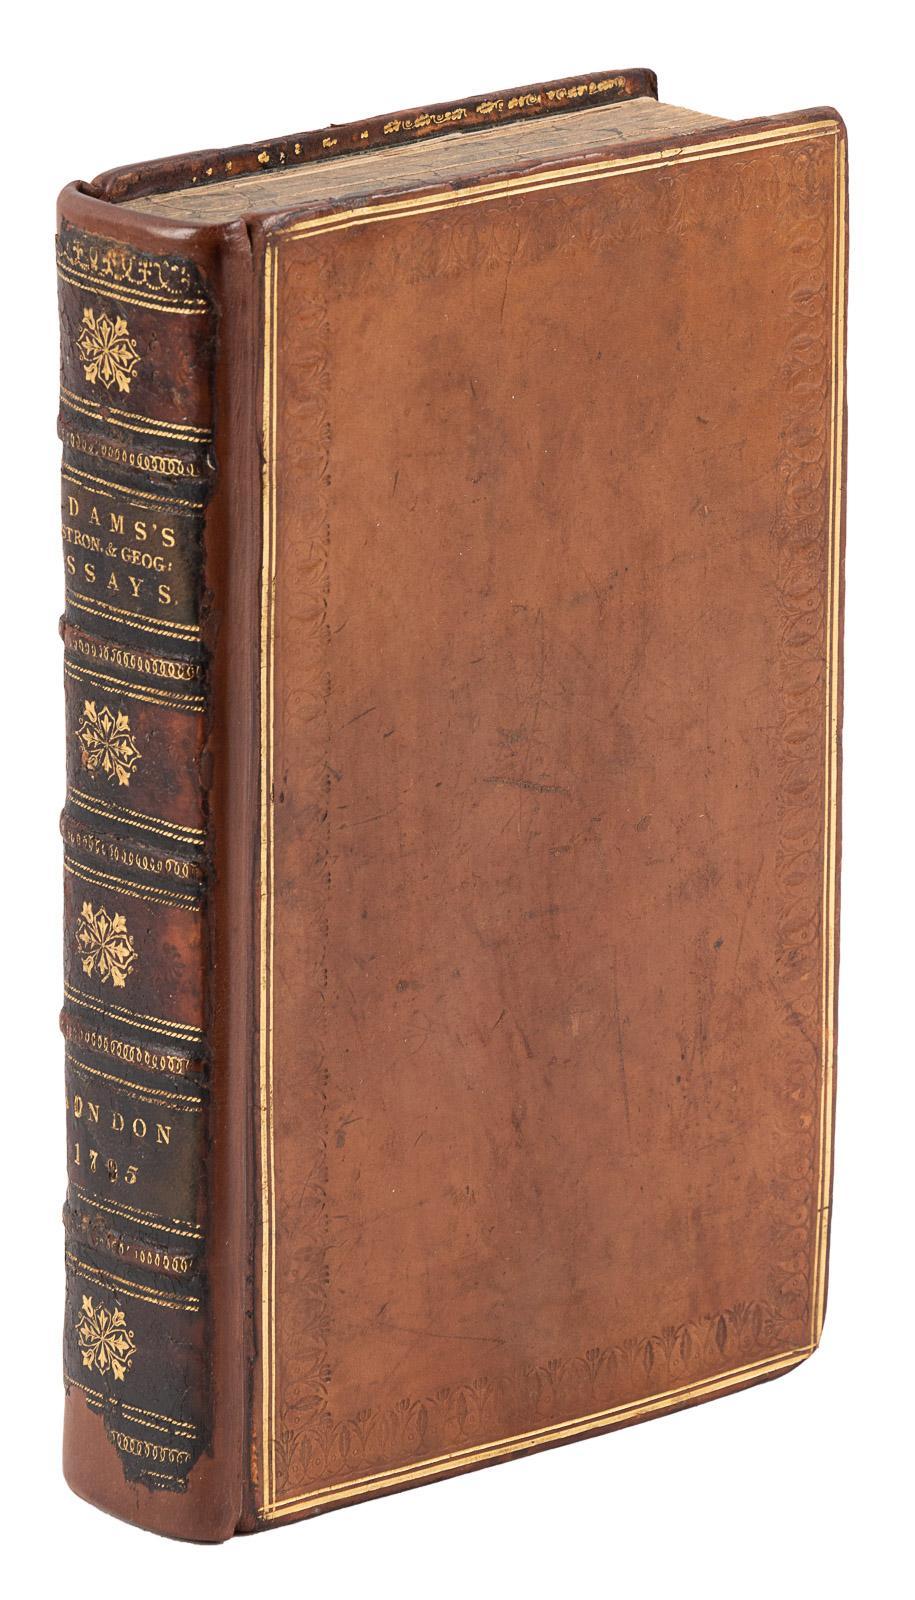 Fine Books & Manuscripts - Food & Drink